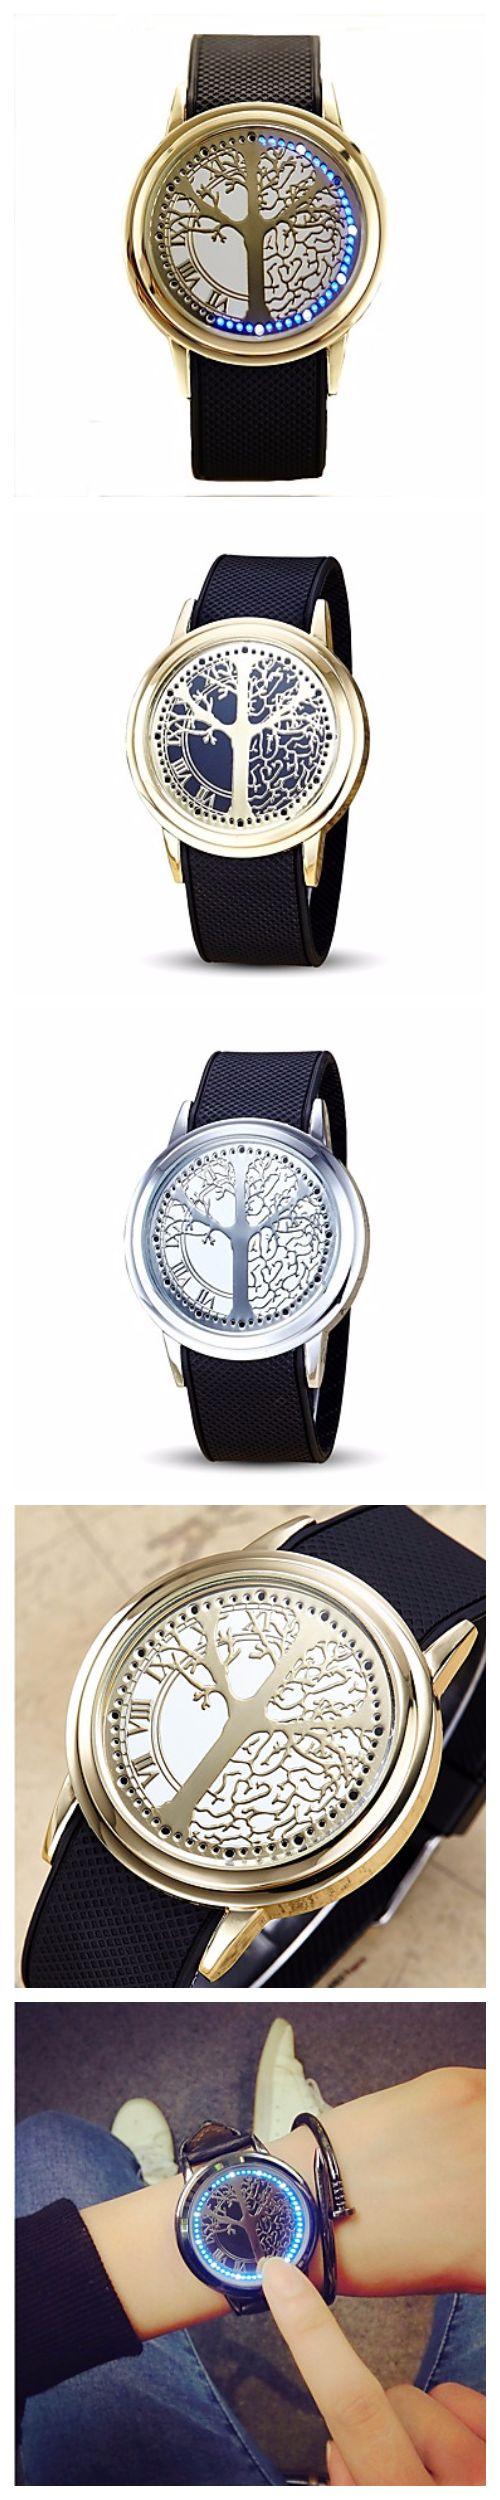 Hombre Mujer Reloj Deportivo Reloj Militar Reloj de Vestir Reloj de Moda Reloj creativo único Reloj Casual Reloj de Pulsera Chino Digital €10.33